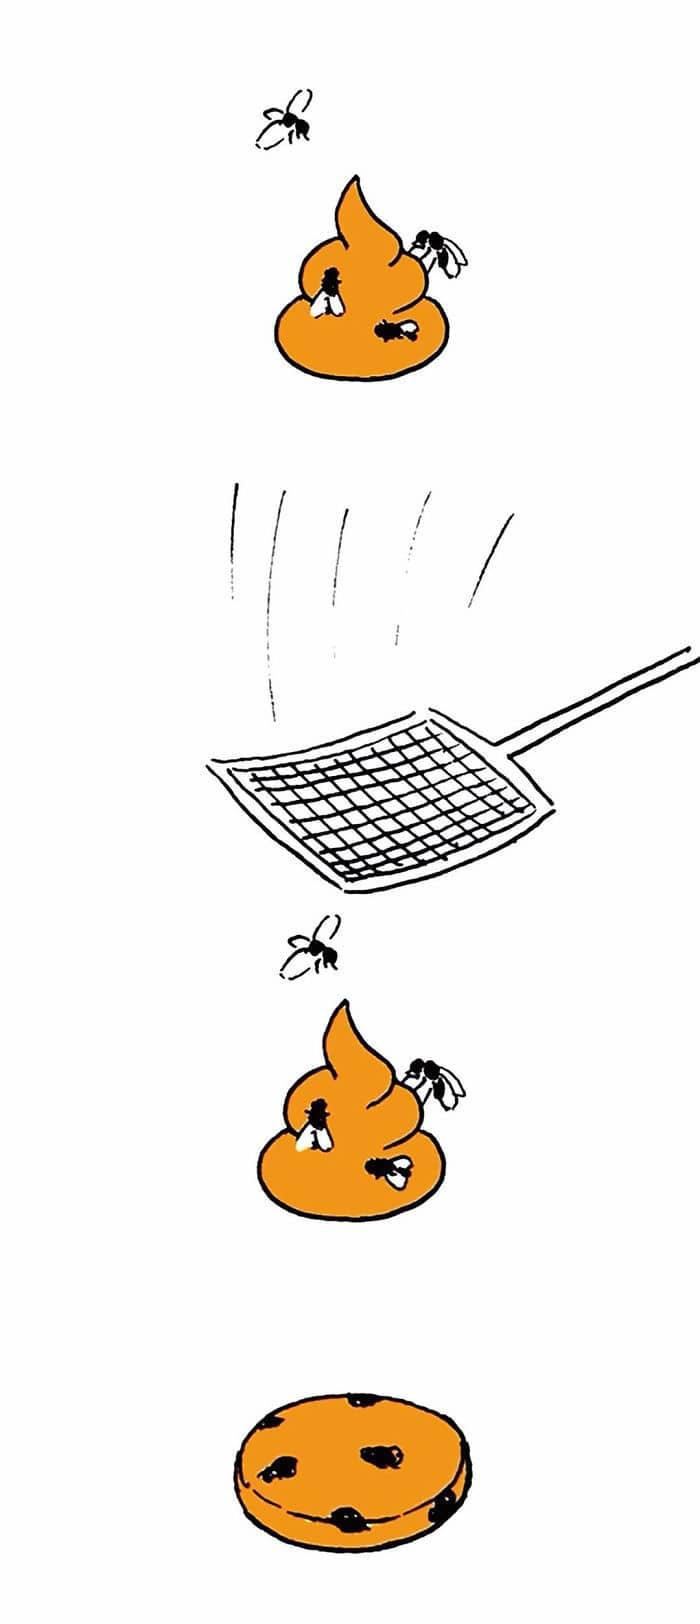 Artista chinês desenha quadrinhos engraçados com reviravoltas surpresa (35 fotos) 2